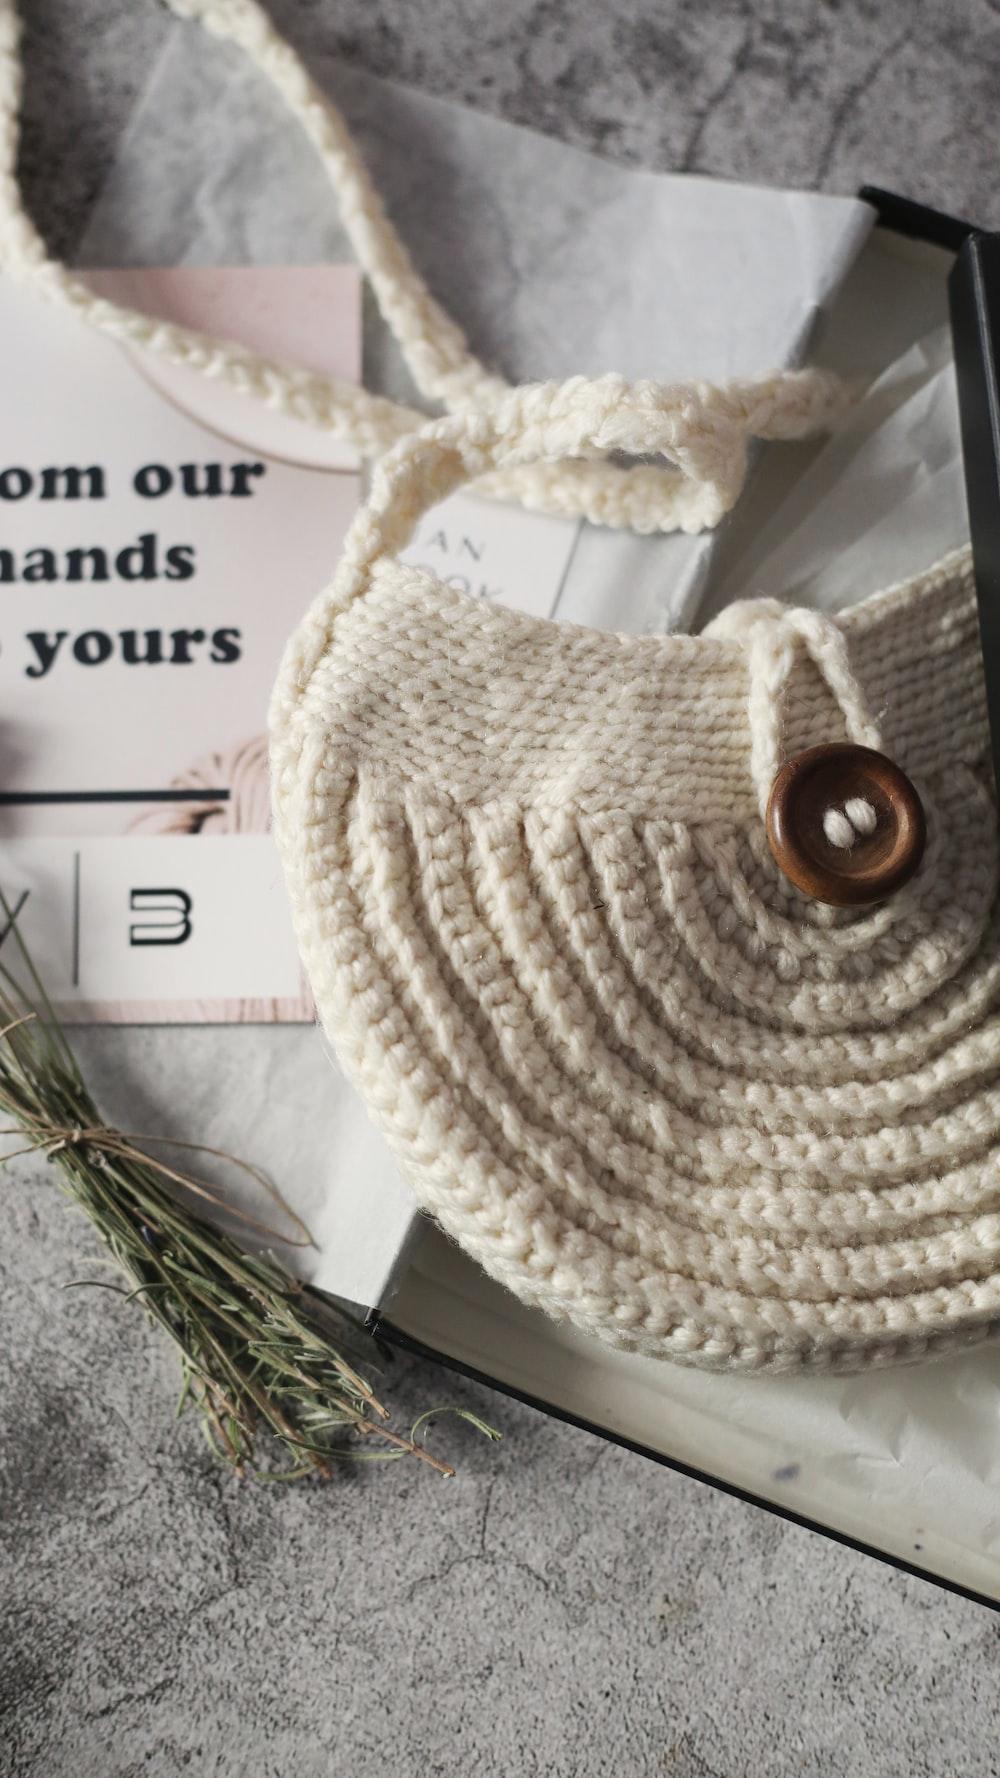 white knit round textile on white printer paper